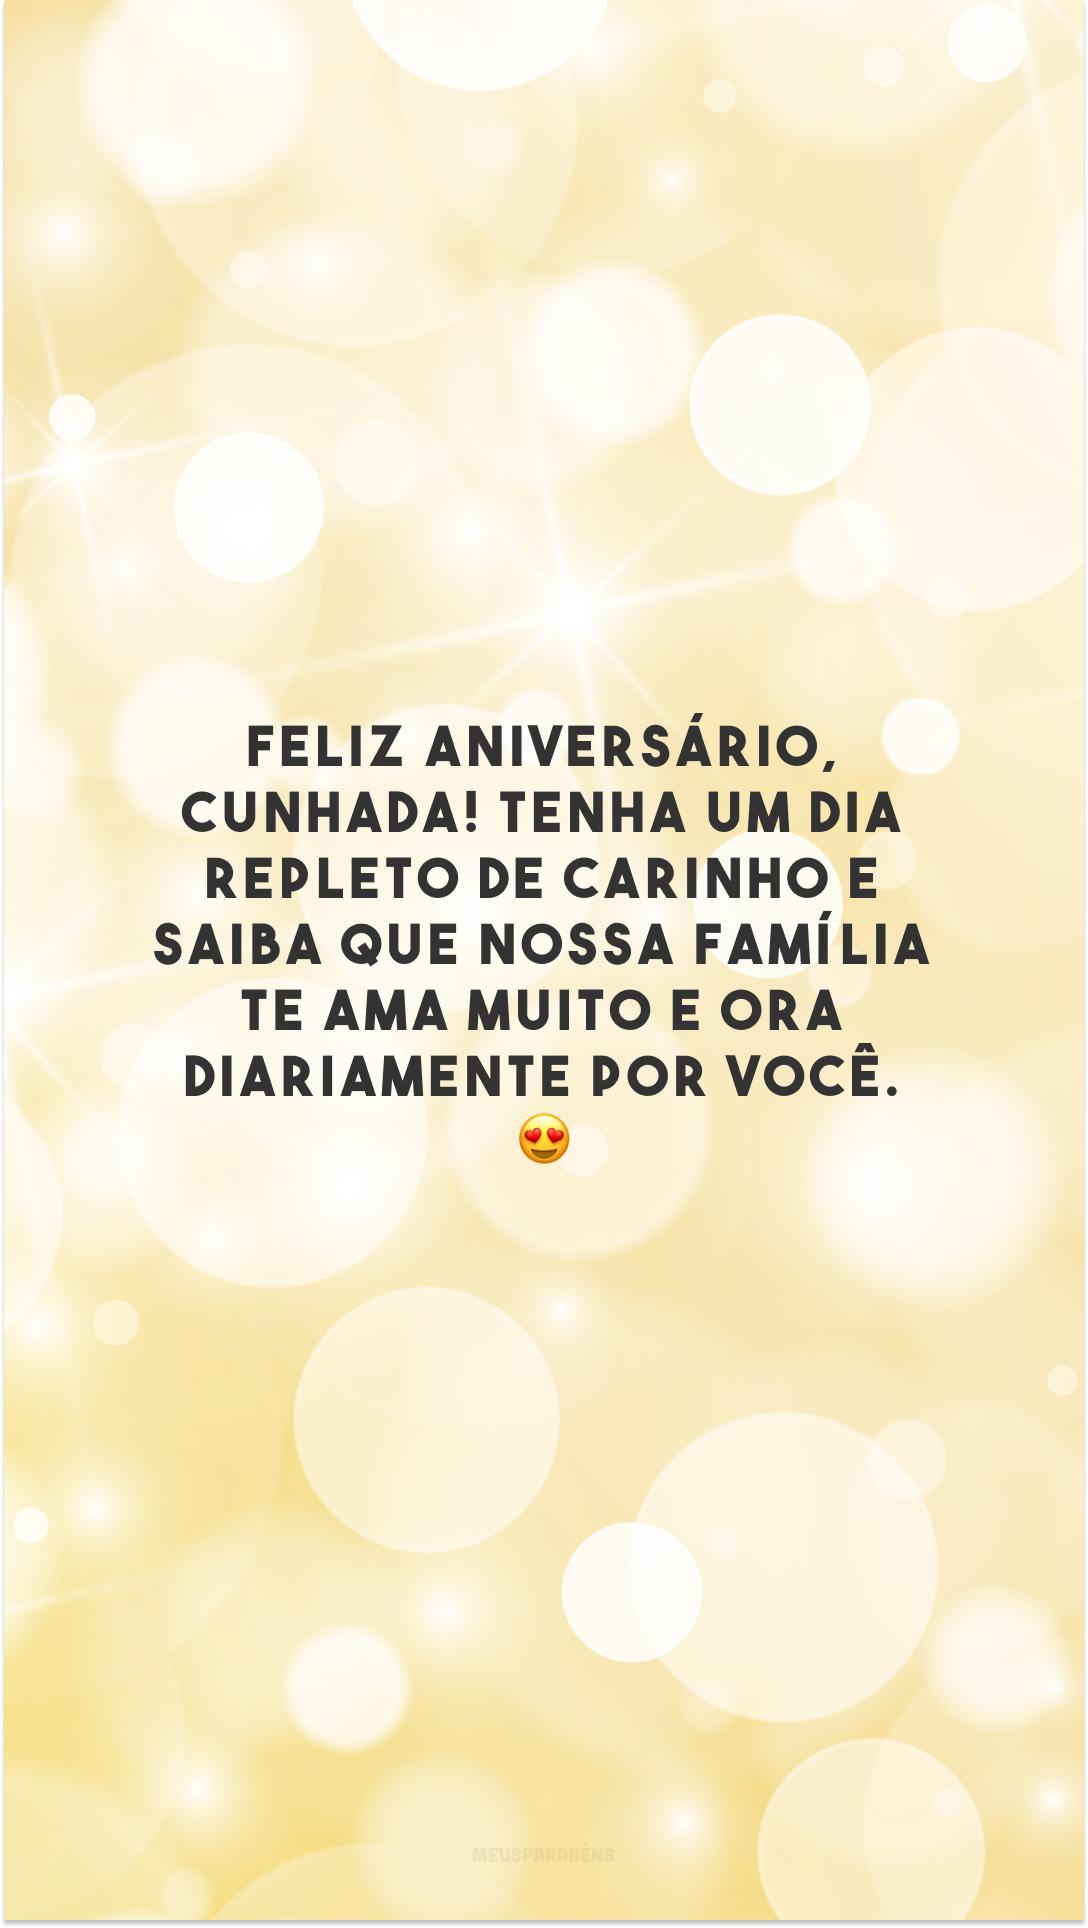 Feliz aniversário, cunhada! Tenha um dia repleto de carinho e saiba que nossa família te ama muito e ora diariamente por você. 😍